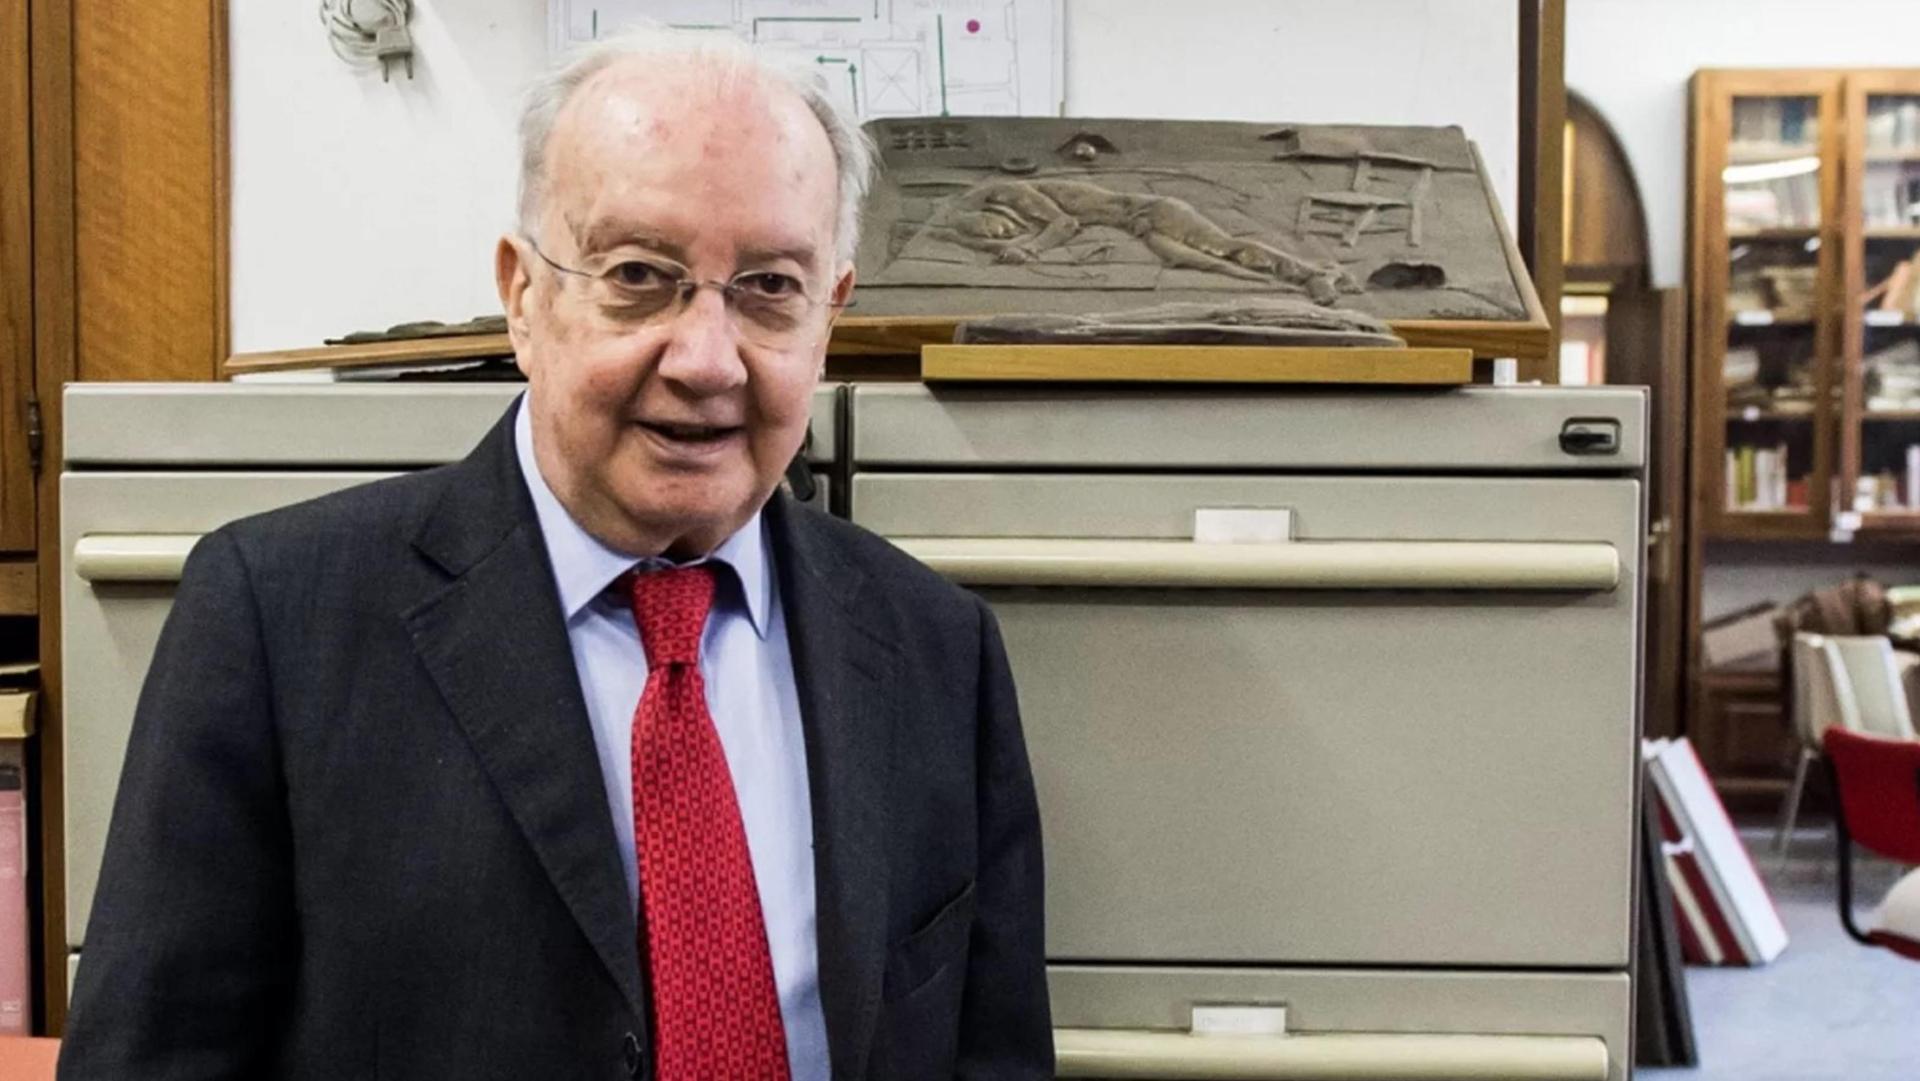 Addio all'ex sindaco Carlo Tognoli. L'intervista rilasciata a RadioPop nel 2019